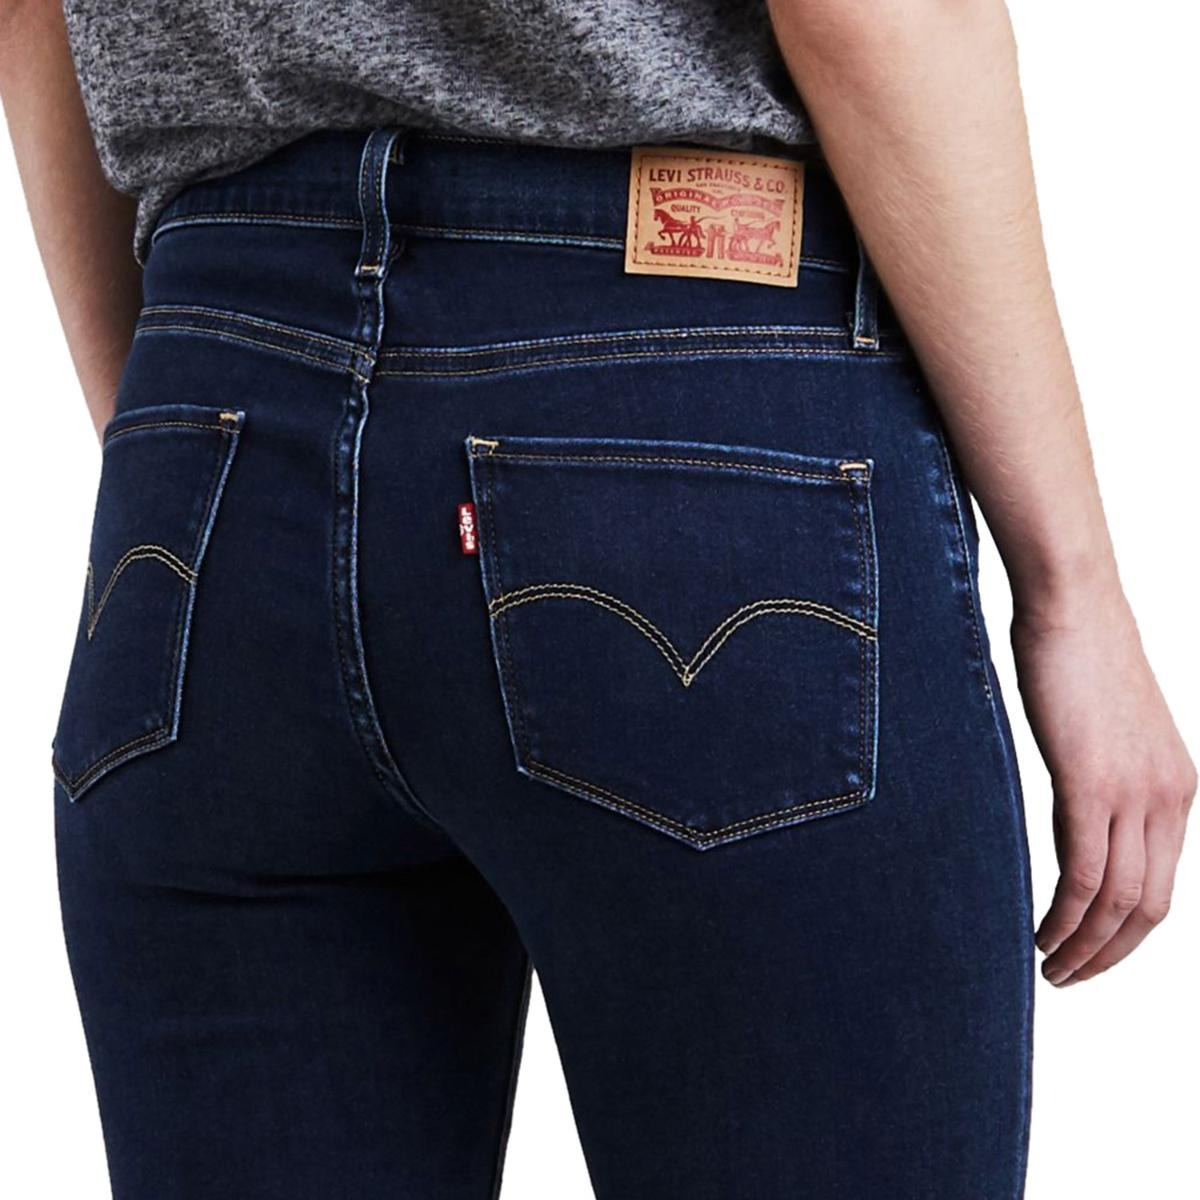 d684dcc331e80 calça jeans levis feminina 720 high rise super skinny escura. Carregando  zoom.